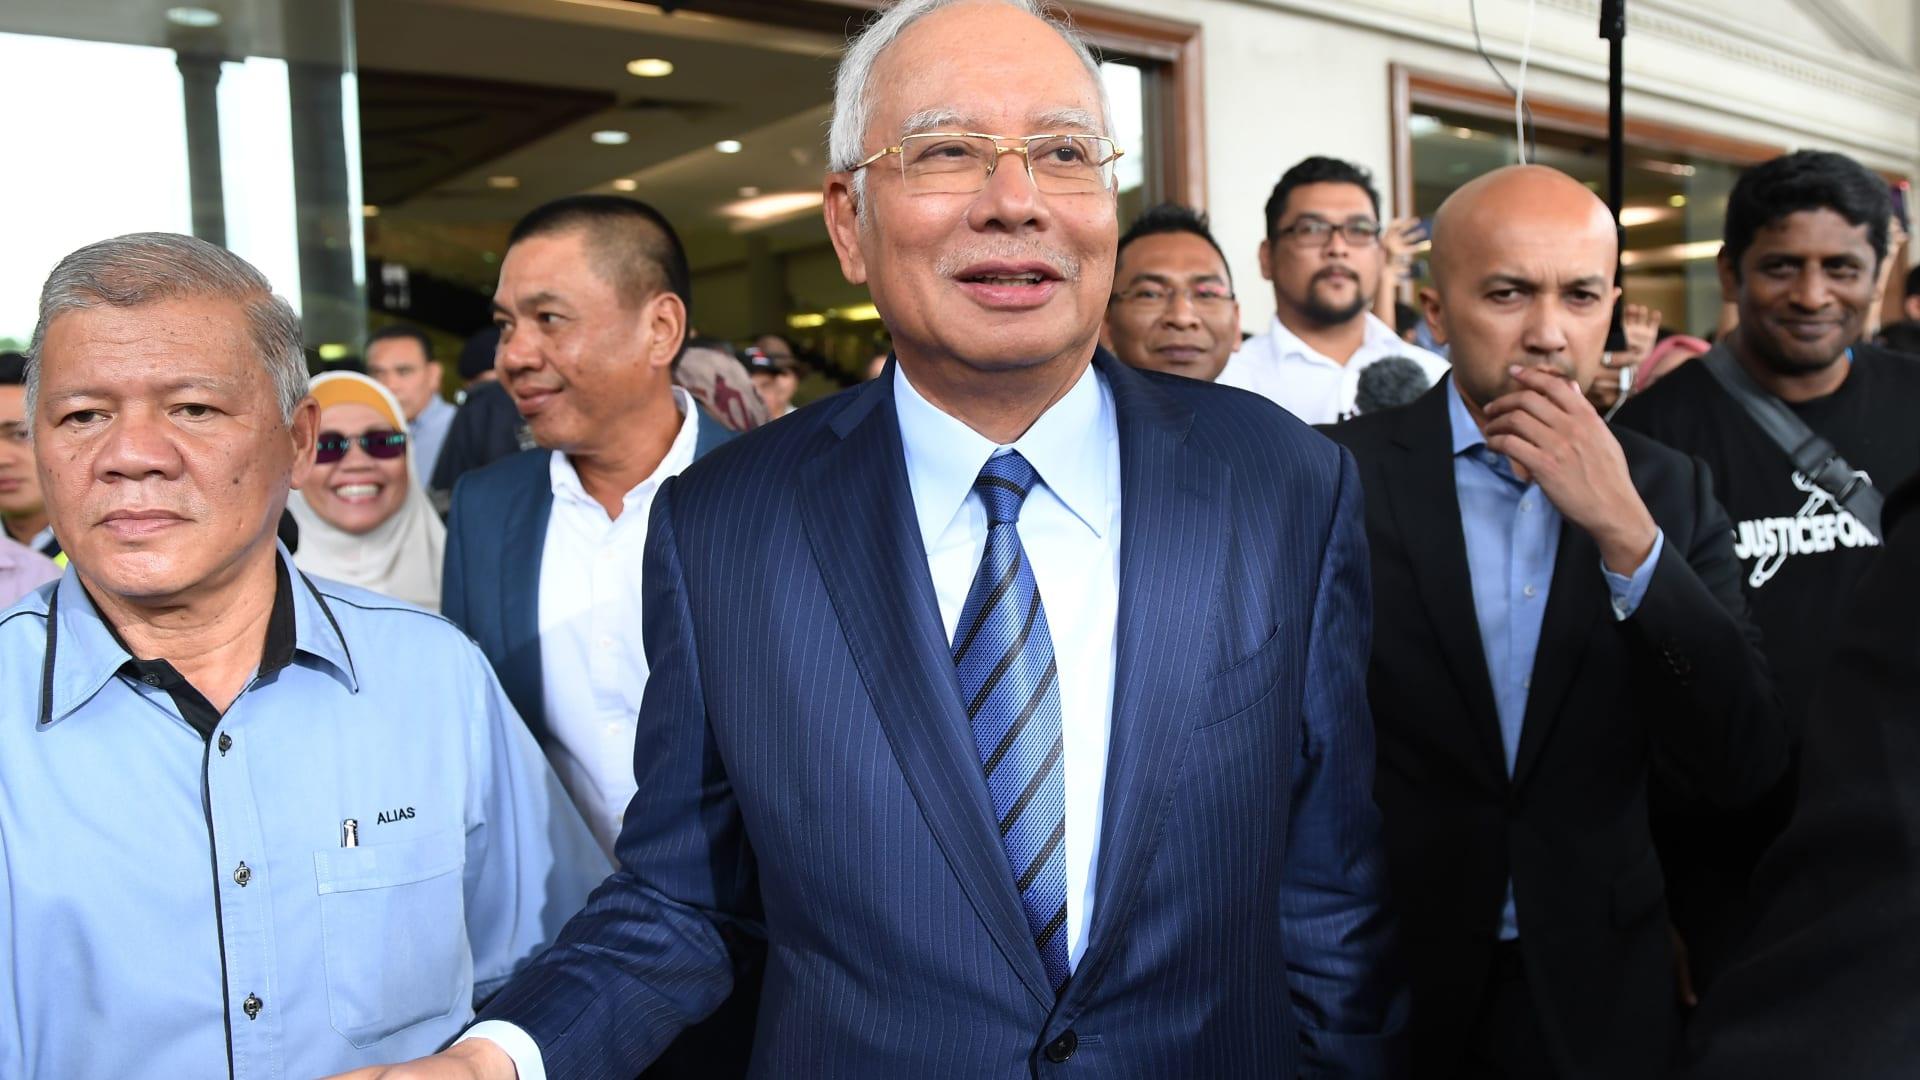 قد تكون أكبر فضيحة مالية في التاريخ.. ما هي 1MDB؟